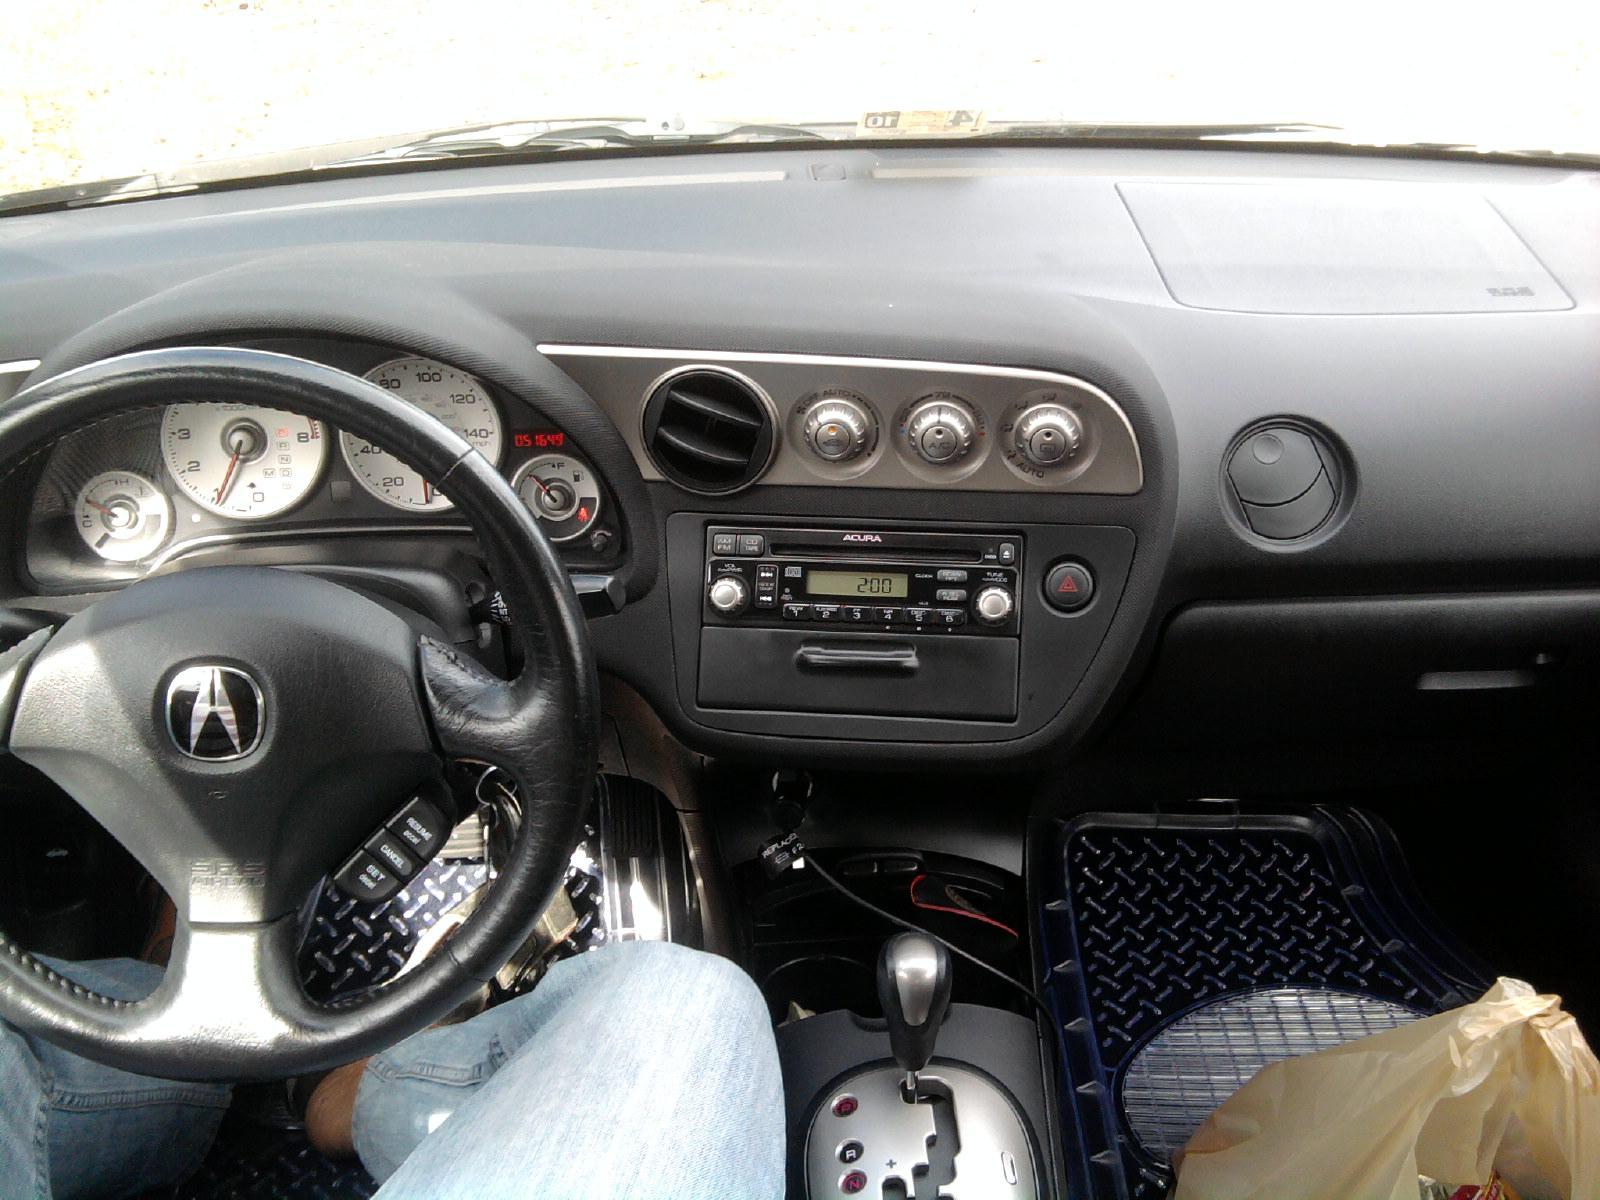 2004 Acura Rsx Pictures Cargurus | Autos Post